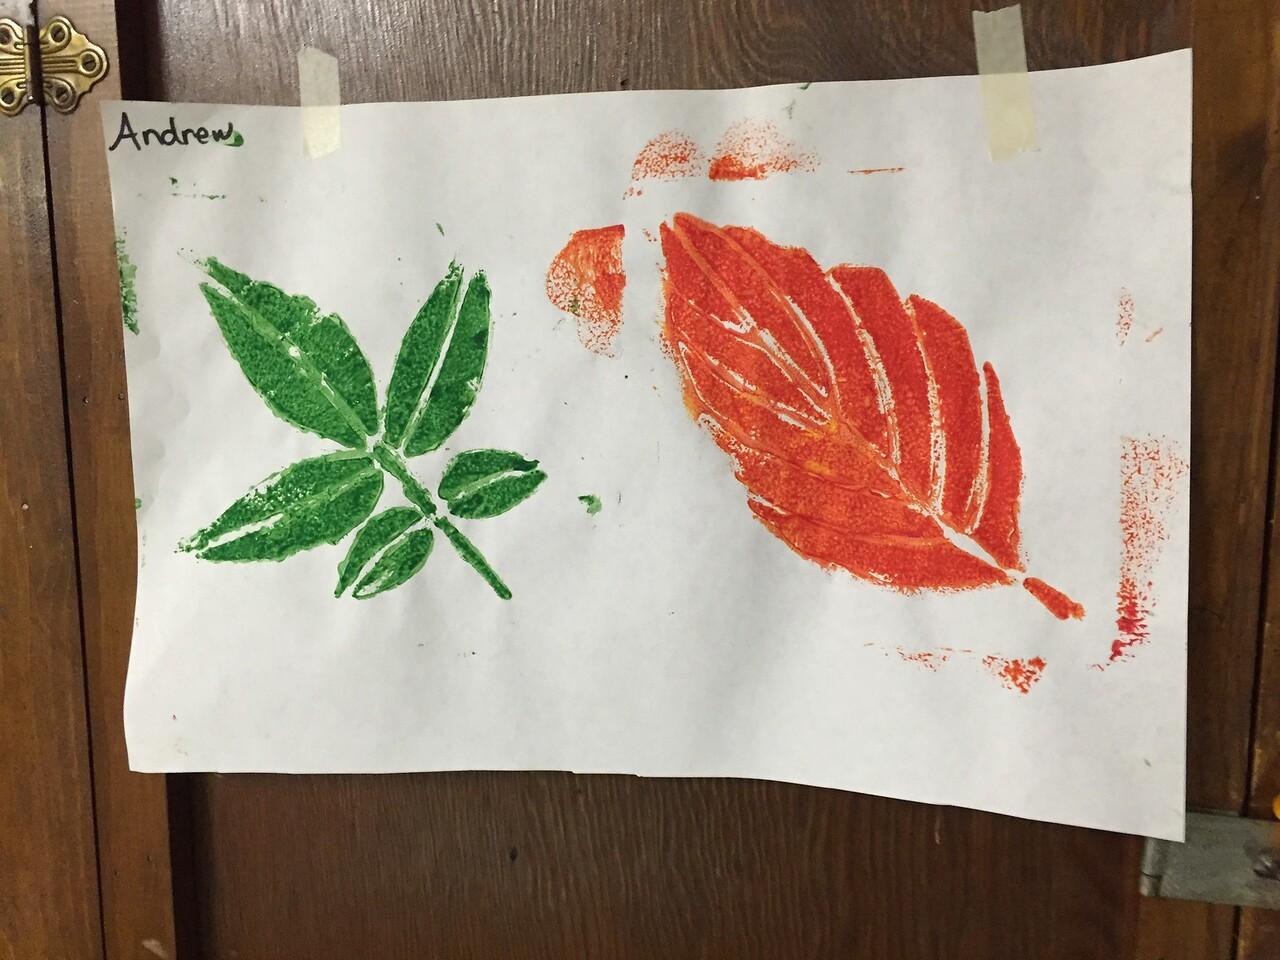 Pre-school artwork